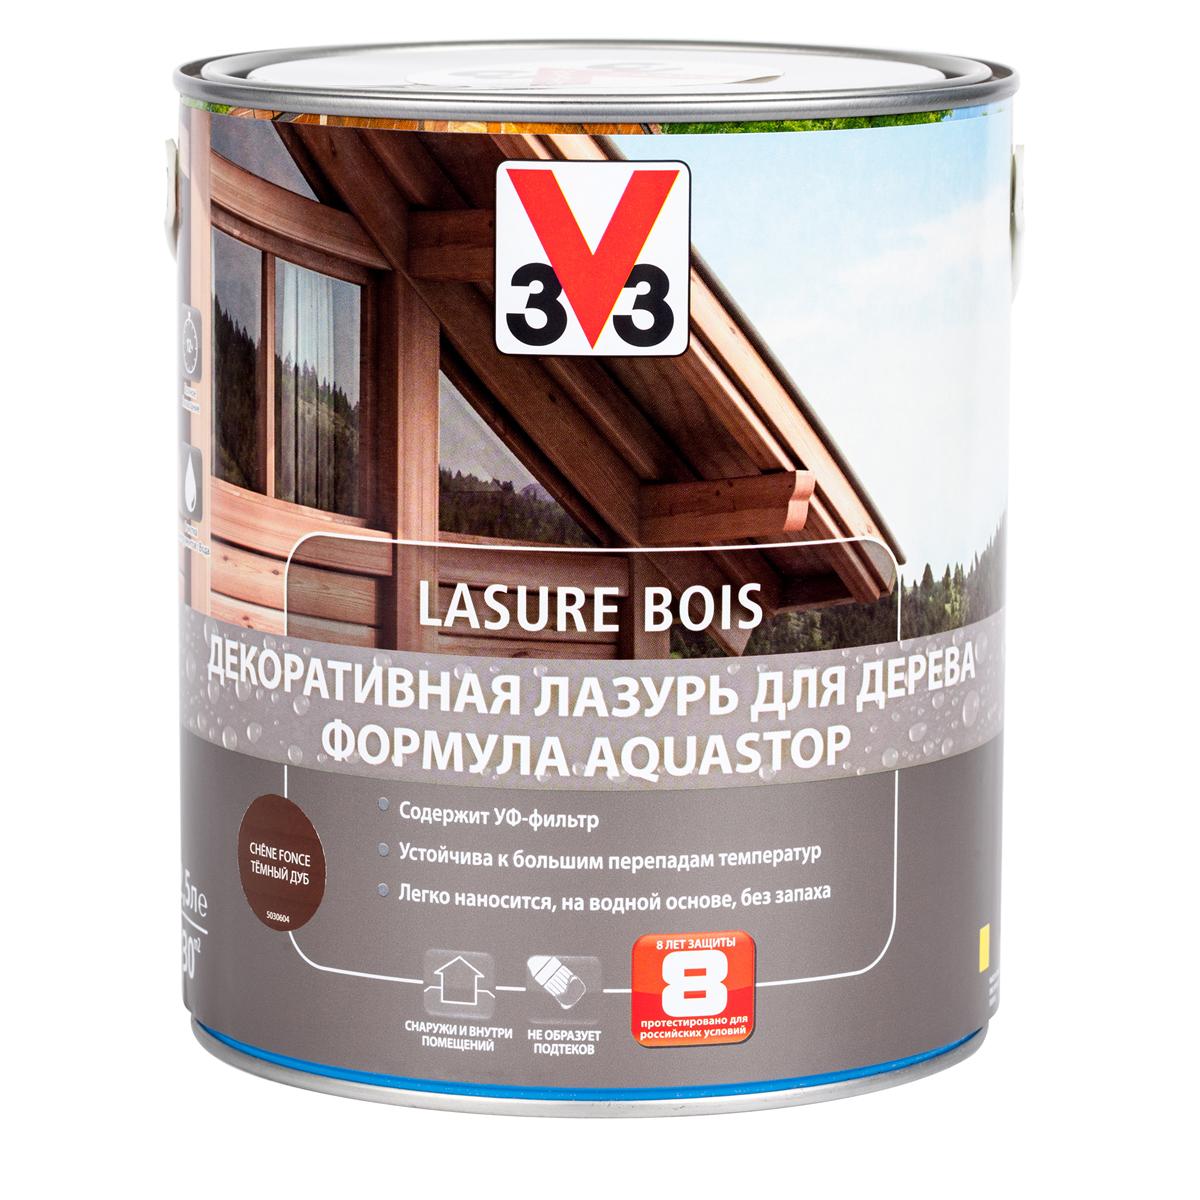 """Лазурь для дерева декоративная V33 """"Aquastop"""", цвет: дуб темный, на водной основе, 2,5 л 107838"""